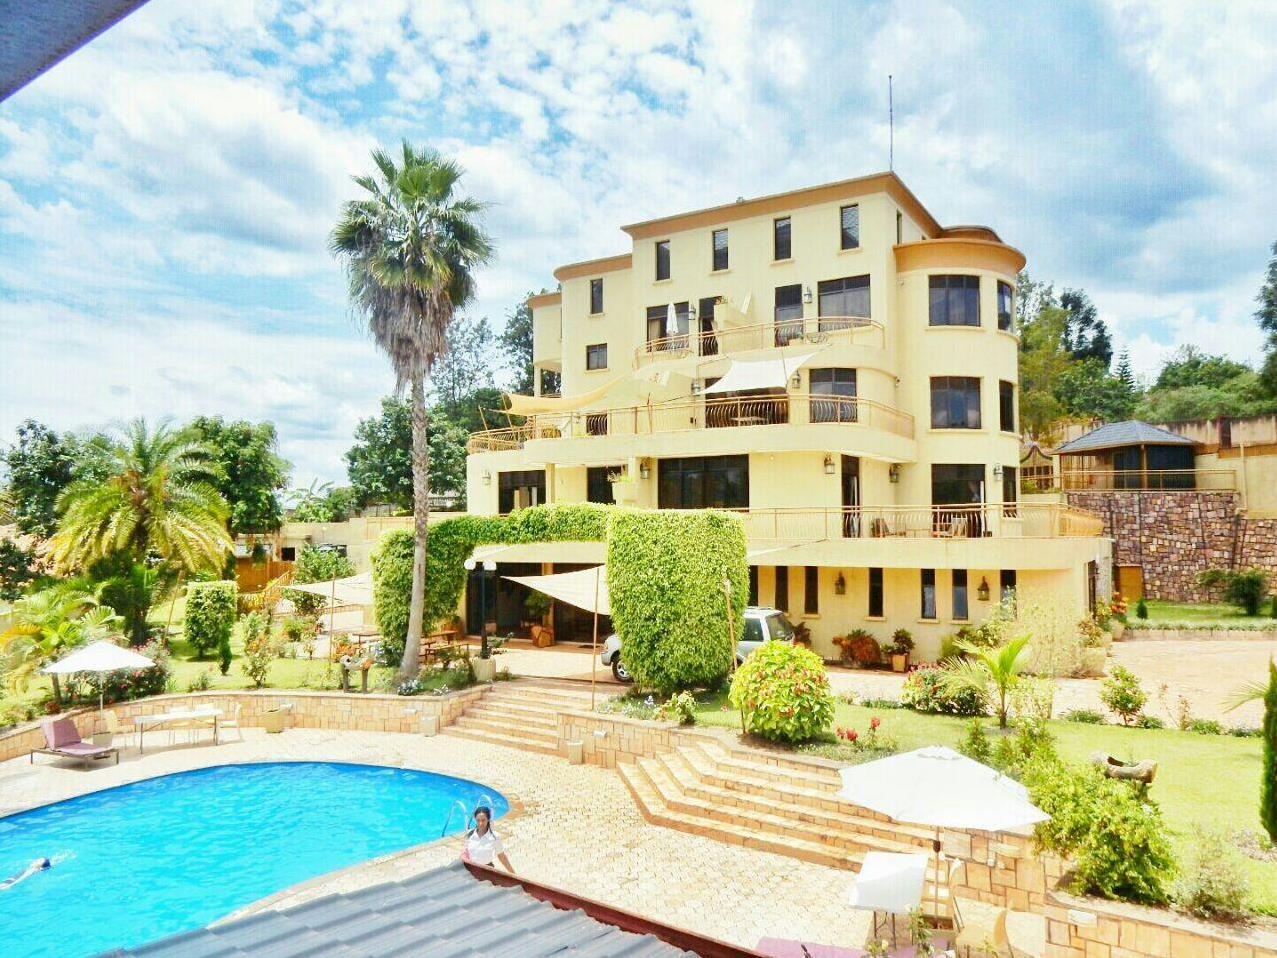 Rubangura Luxury Apartments